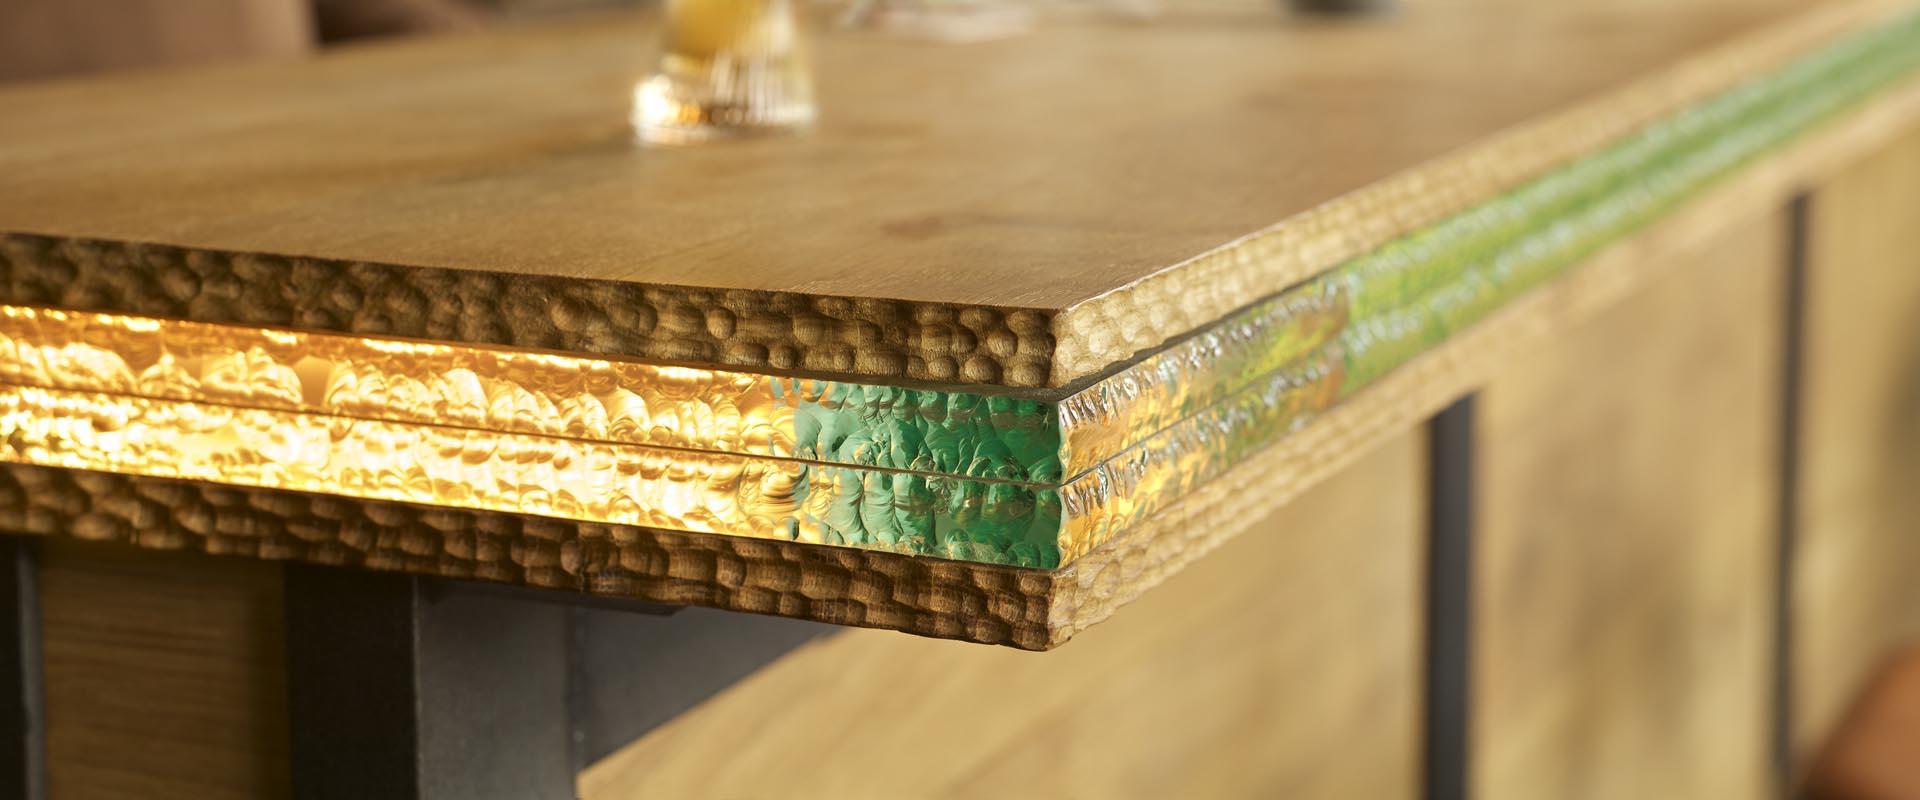 4 detail van barblad restaurant de Kaserne Den Bosch massief eiken gecombineerd met glas en indirecte verlichtingsstrook LED